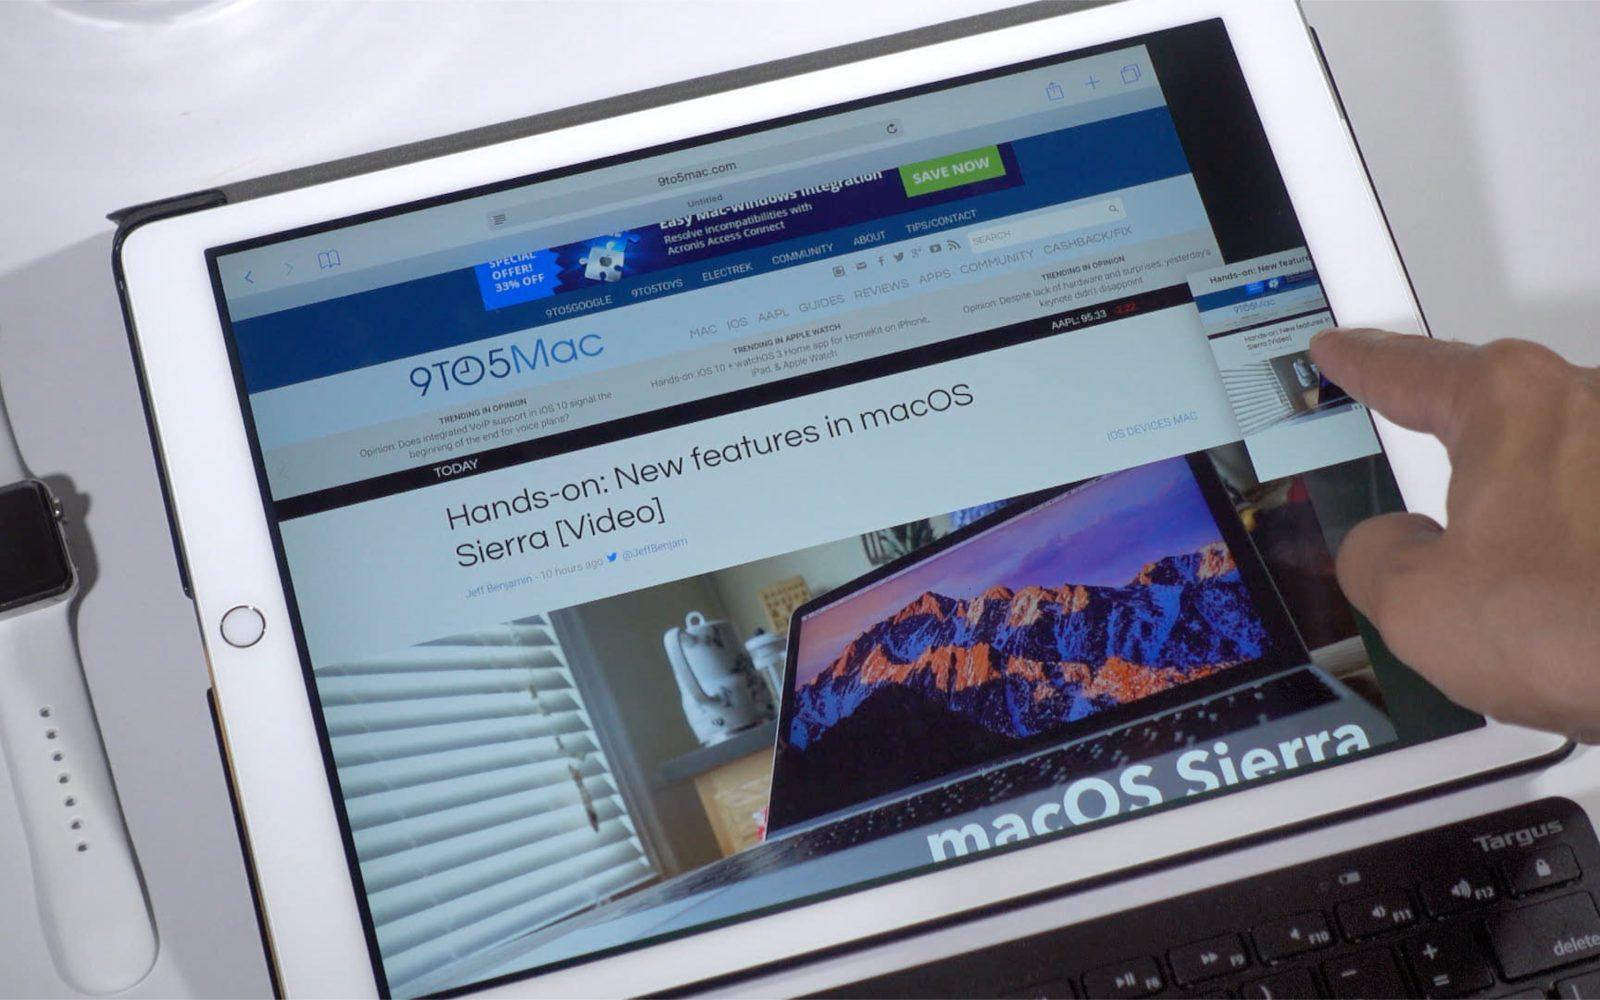 How-To: Use Split View in Safari on iPad [Video] - 9to5Mac